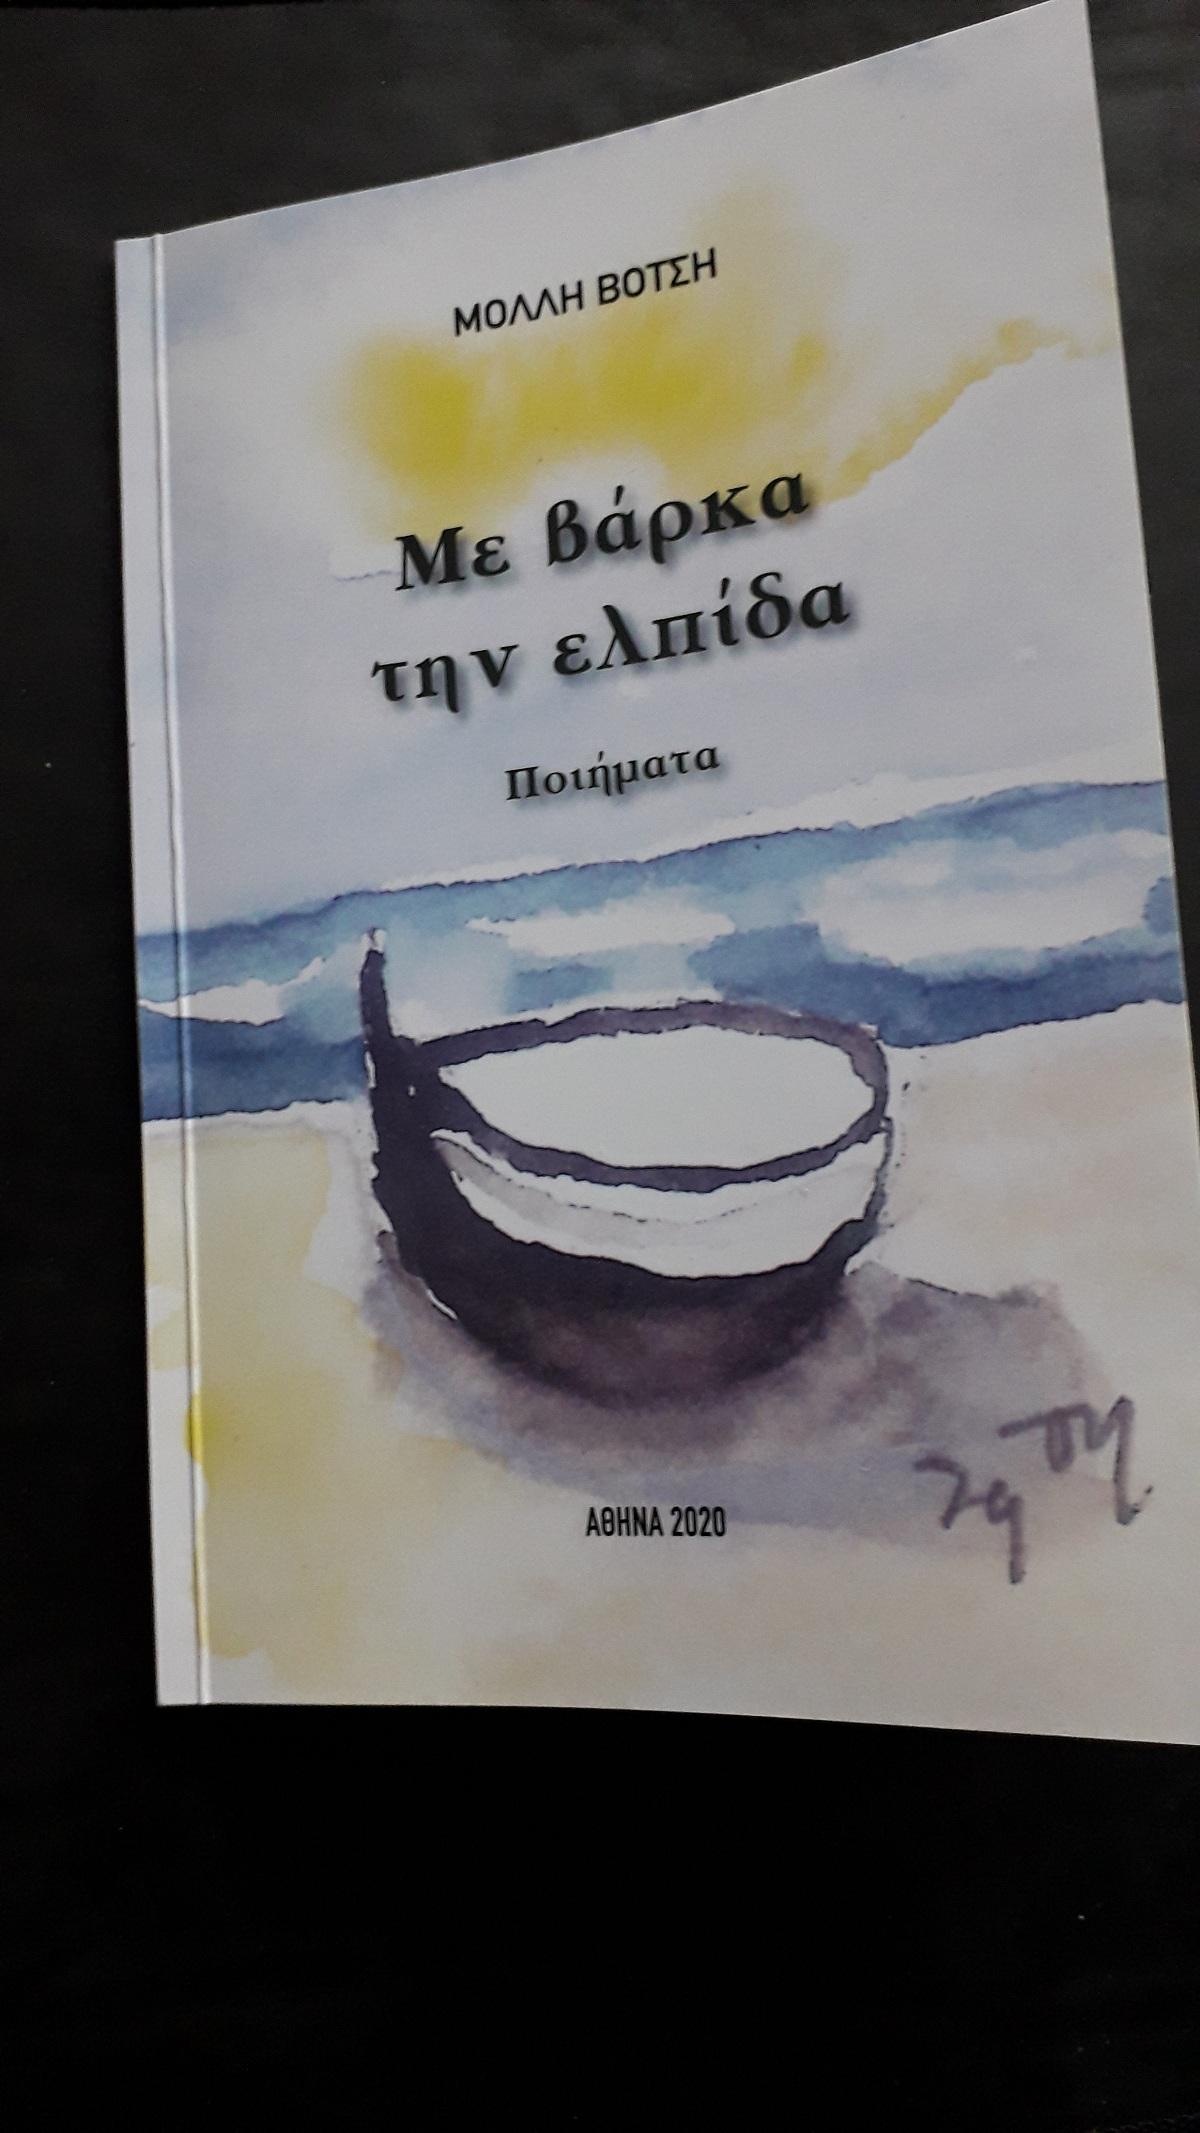 Βιβλιοπαρουσίαση: «Με βάρκα την ελπίδα» ποιήματα της Μόλλης Βότση